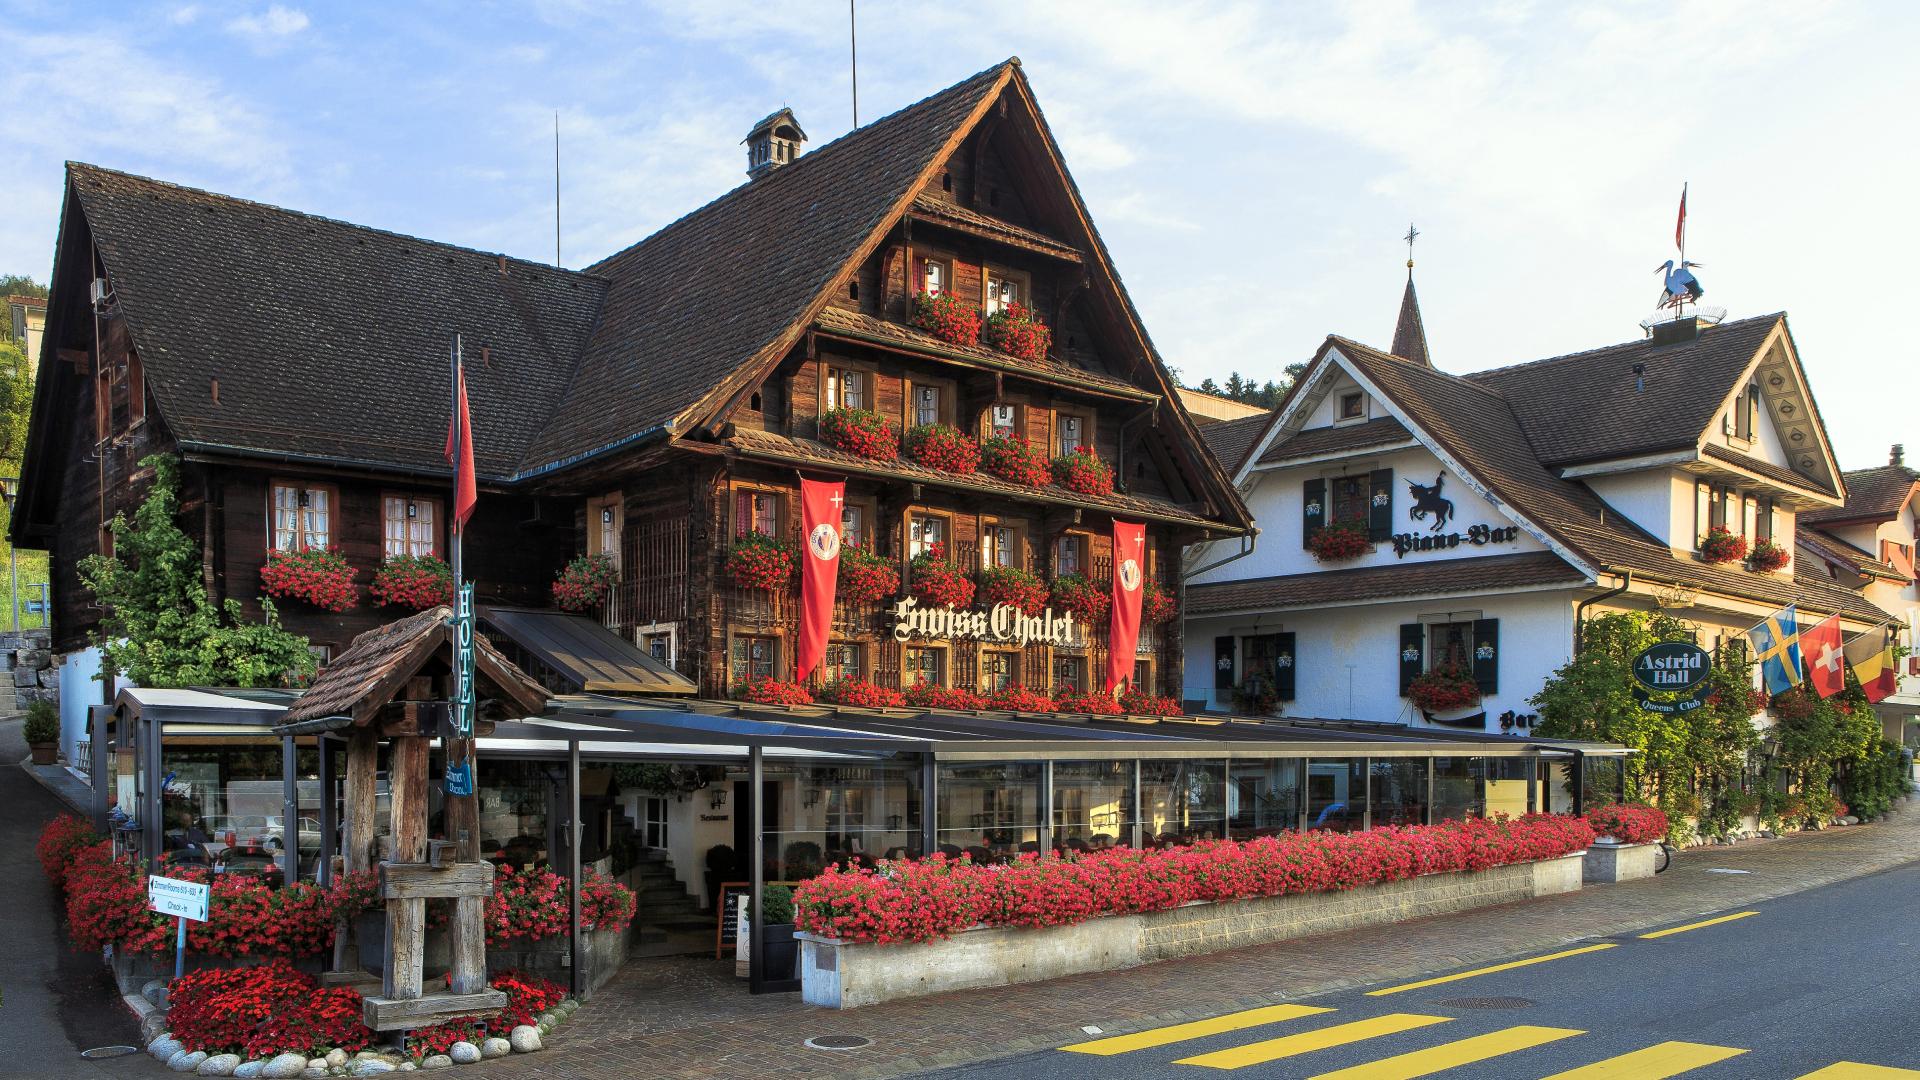 Ansicht Chalet-Hotel, Astrid-Hall und Restaurant Swiss-Chalet im Swiss-Chalet Merlischachen